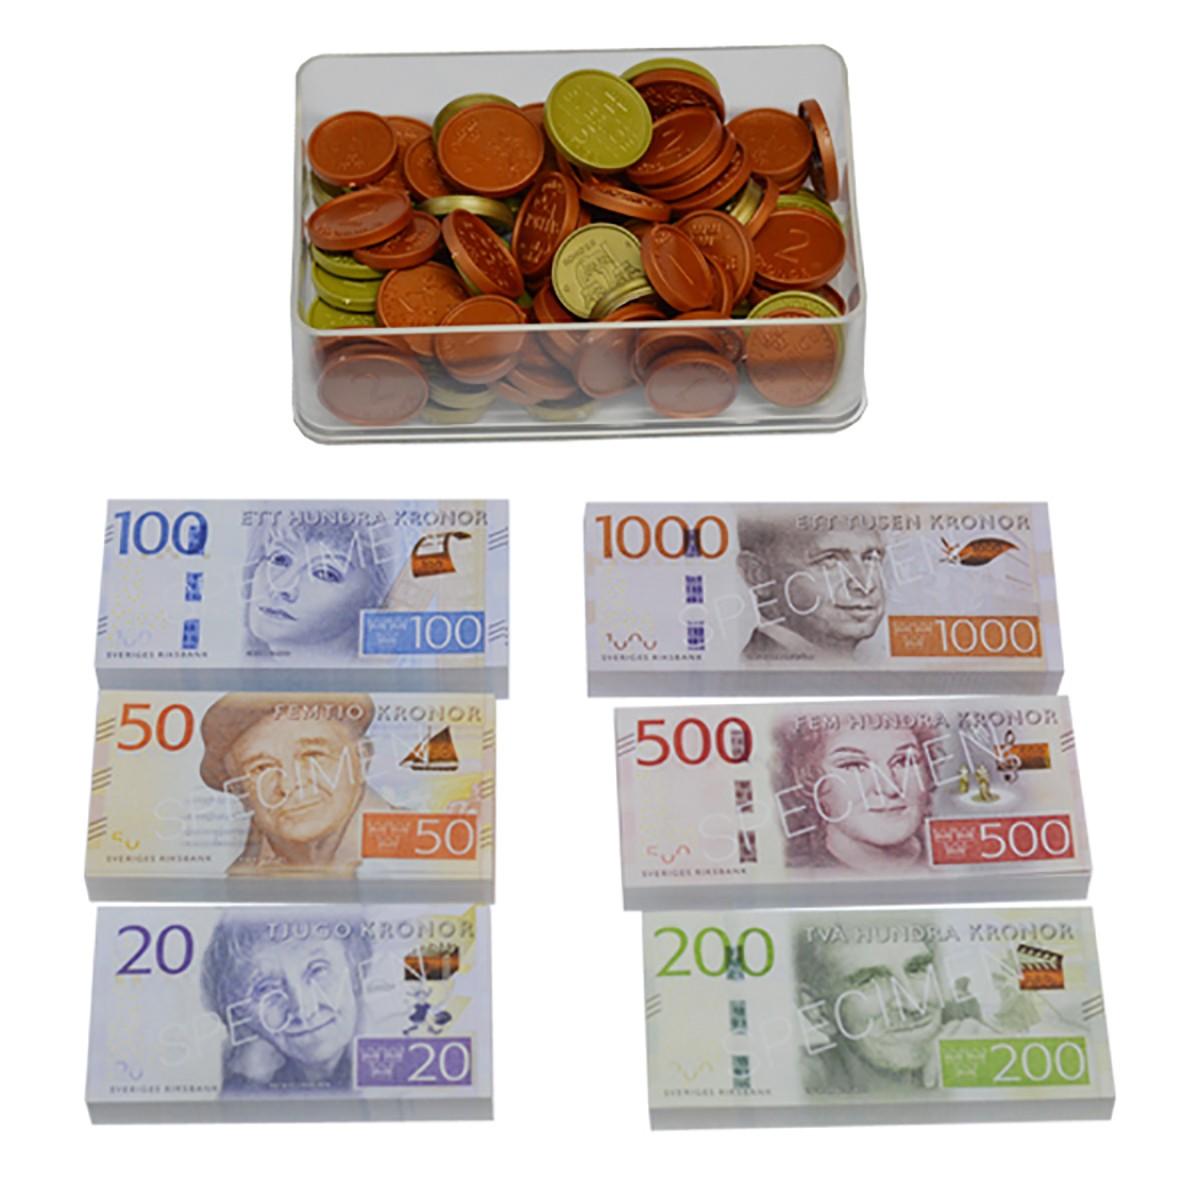 Blandade mynt och sedlar